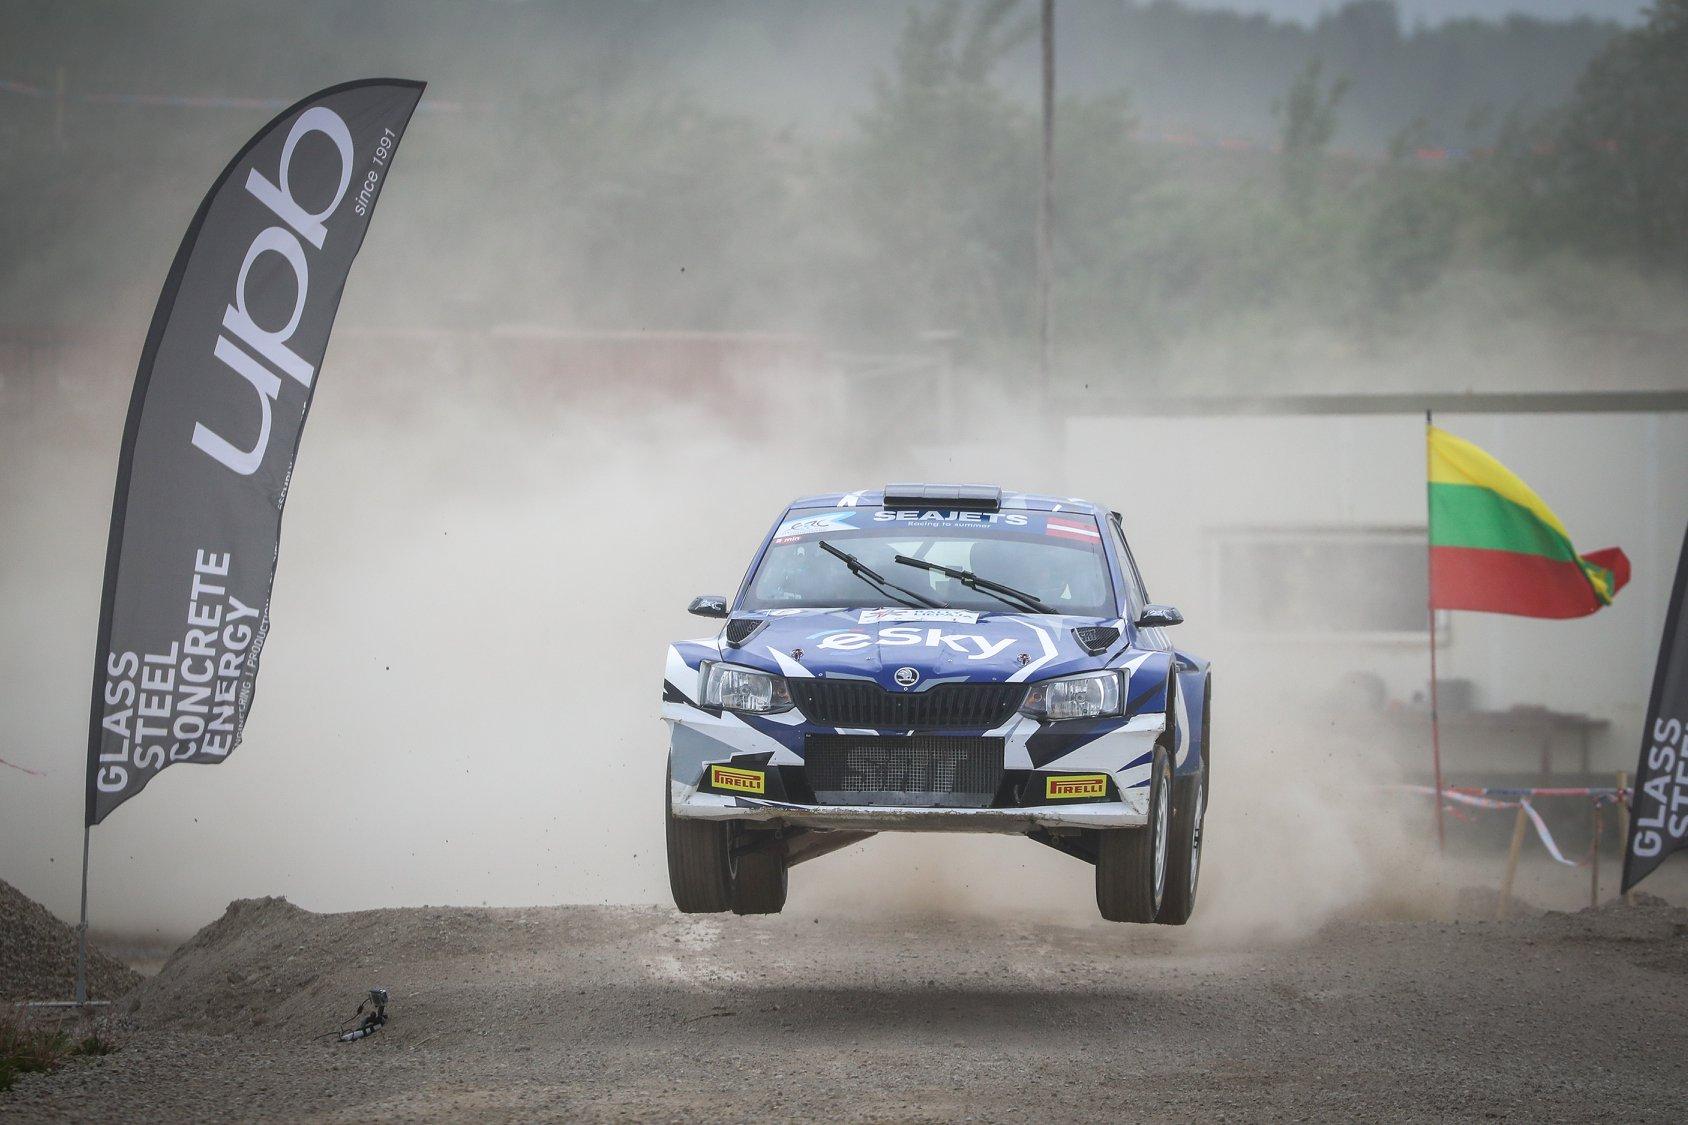 źródło: fb/ FIA ERC  |  Łukasz Habaj pozostaje liderem ERC po tym rajdzie